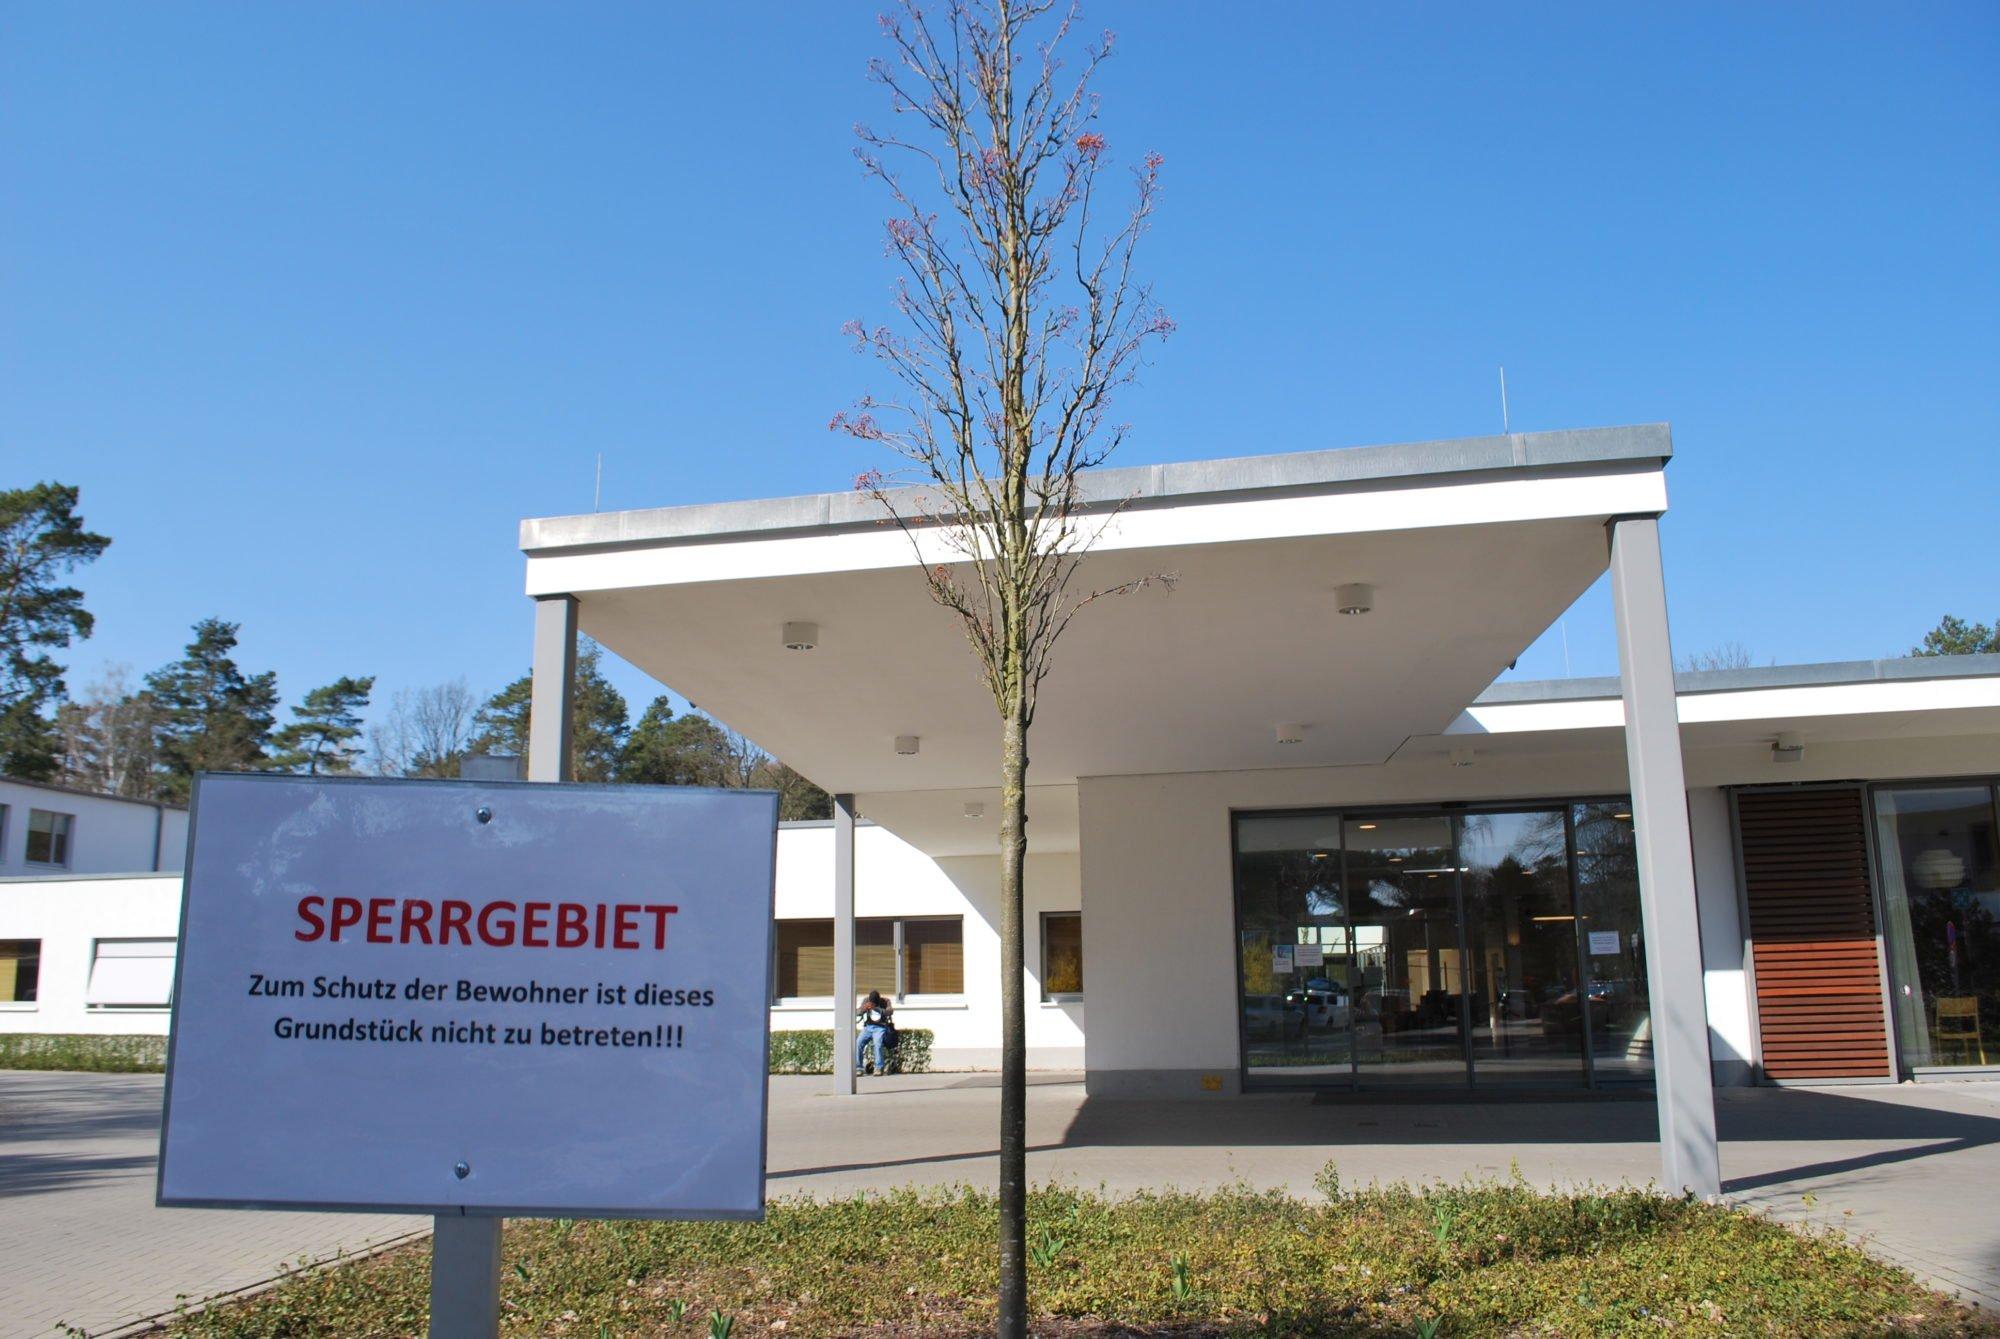 """Auf dem Bild ist der Haupteingang des P.A.N. Zentrums gesehen. Im Vordergrund befindet sich ein Bild mit der Aufschrift """"Sperrgebiet. Zum Schutz der Bewohner ist dieses Grundstück nicht zu betreten."""""""